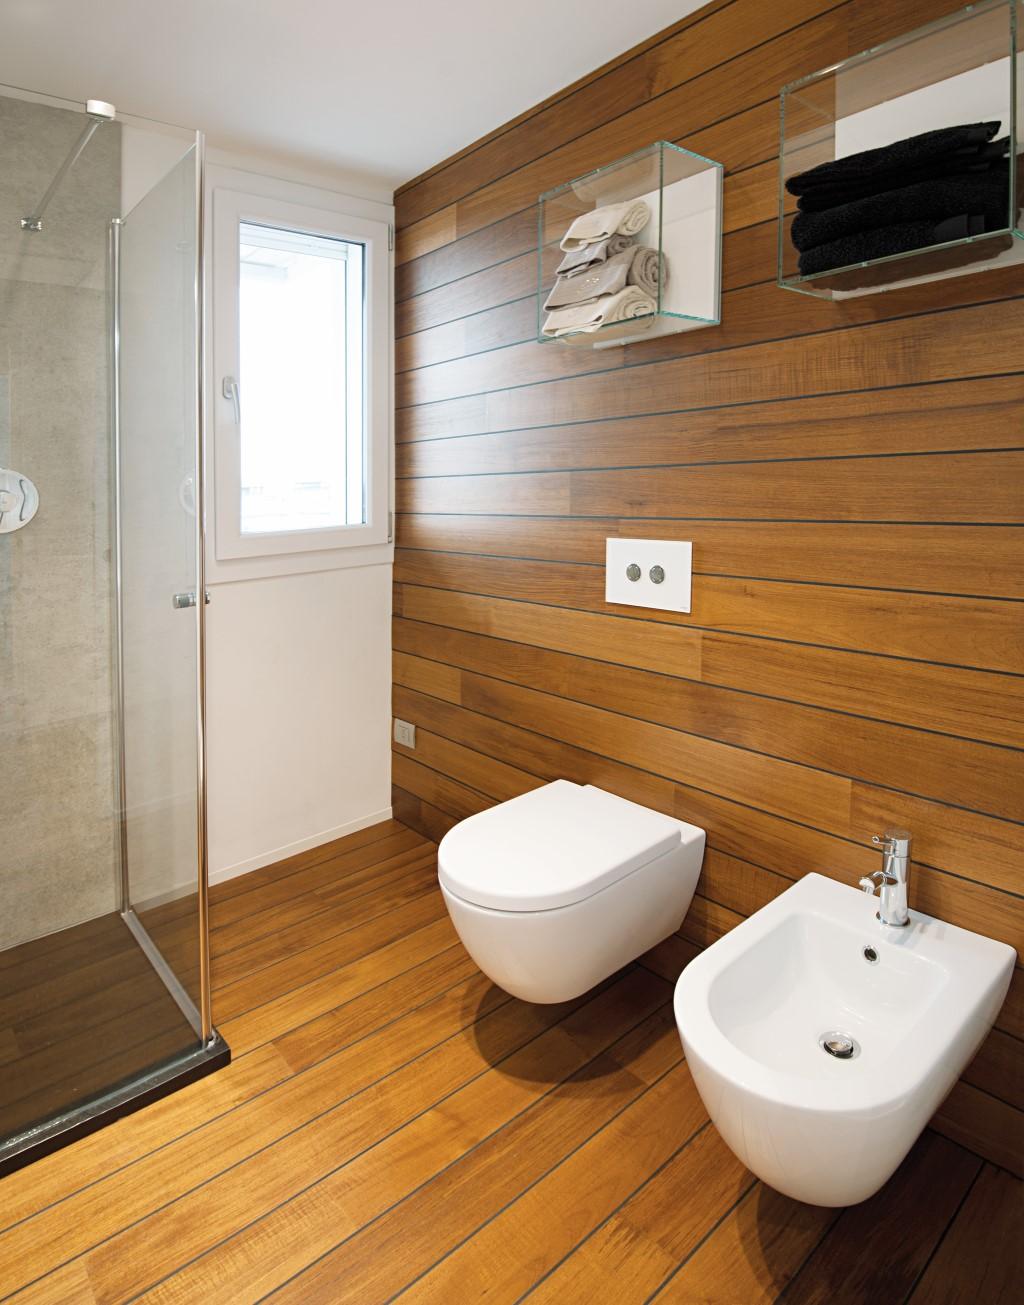 Pavimenti in legno parquet garbellotto maffeisistemi - Legno per bagno ...